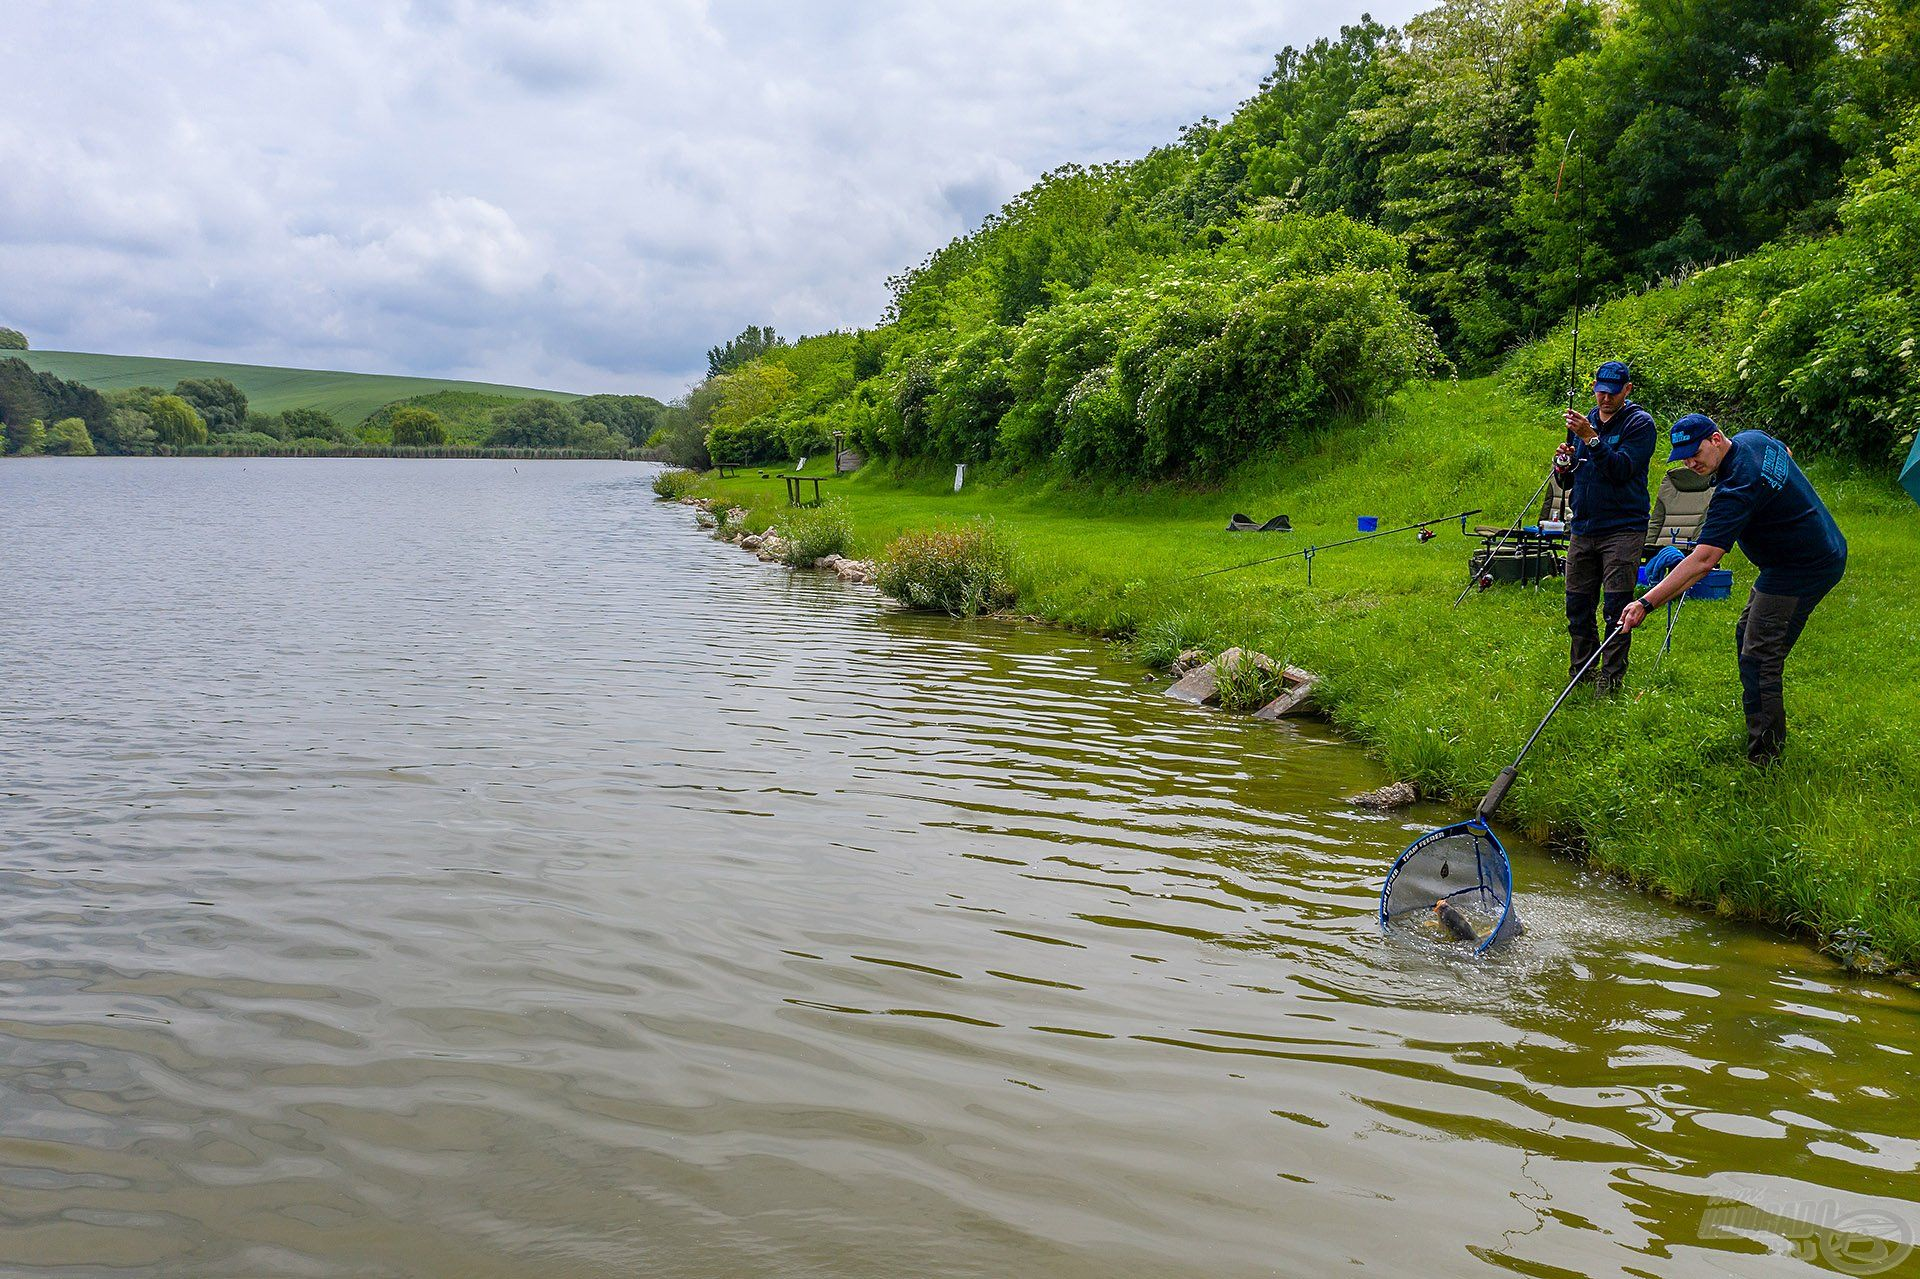 A délelőtt további részében egészen jó horgászat kezdett kibontakozni, egyre mozgalmasabbá vált a halfogás, szép folyamatosan jelentkeztek a pontyok